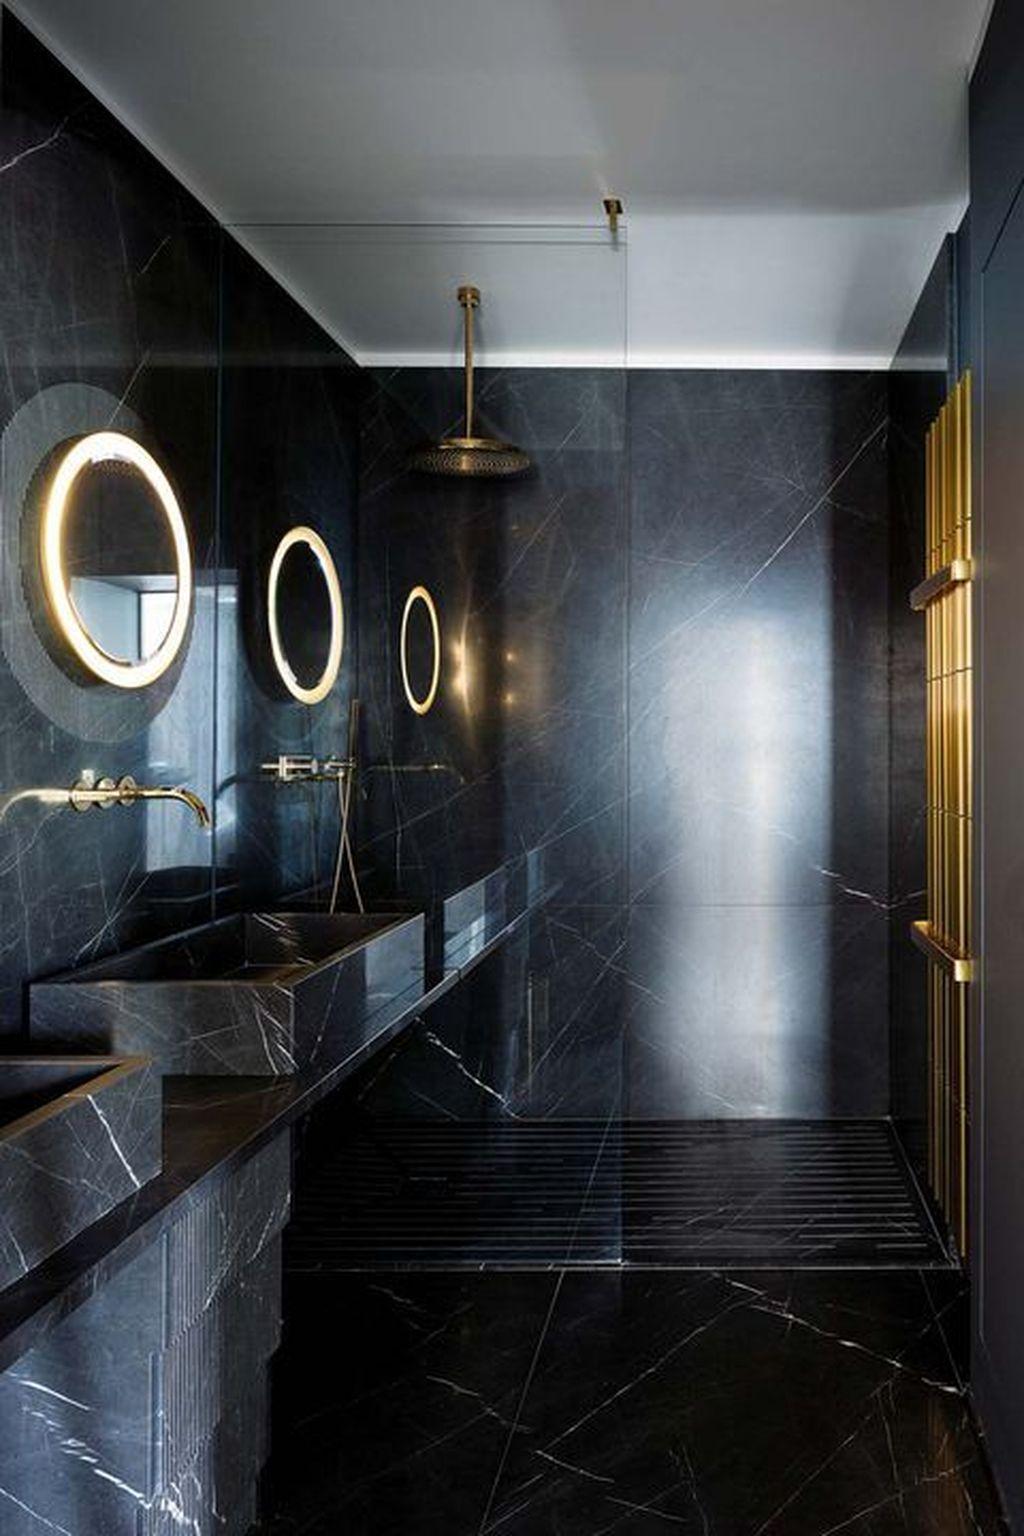 36 Wonderful Black Marble Bathroom Design Ideas Looks Classy Black Marble Bathroom Marble Bathroom Designs Marble Bathroom